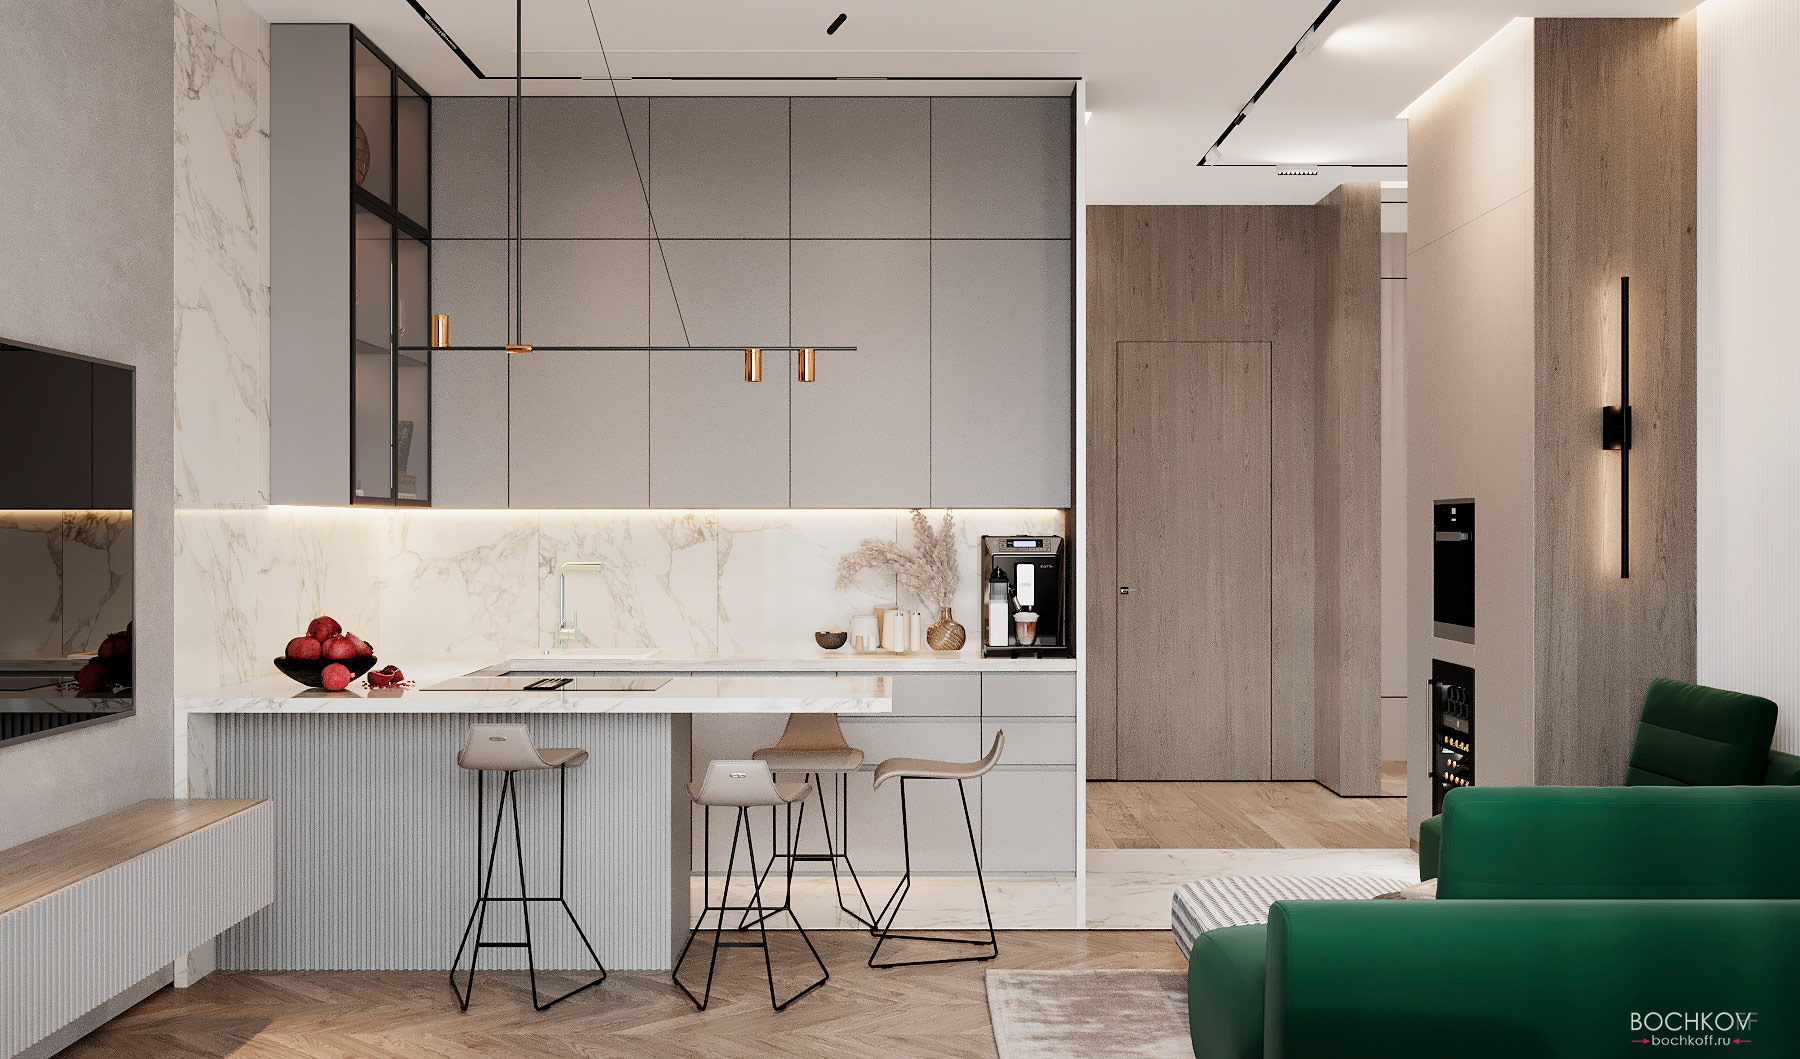 Вид с Кухонной зоны, студия, вид 1, КД Ривьера